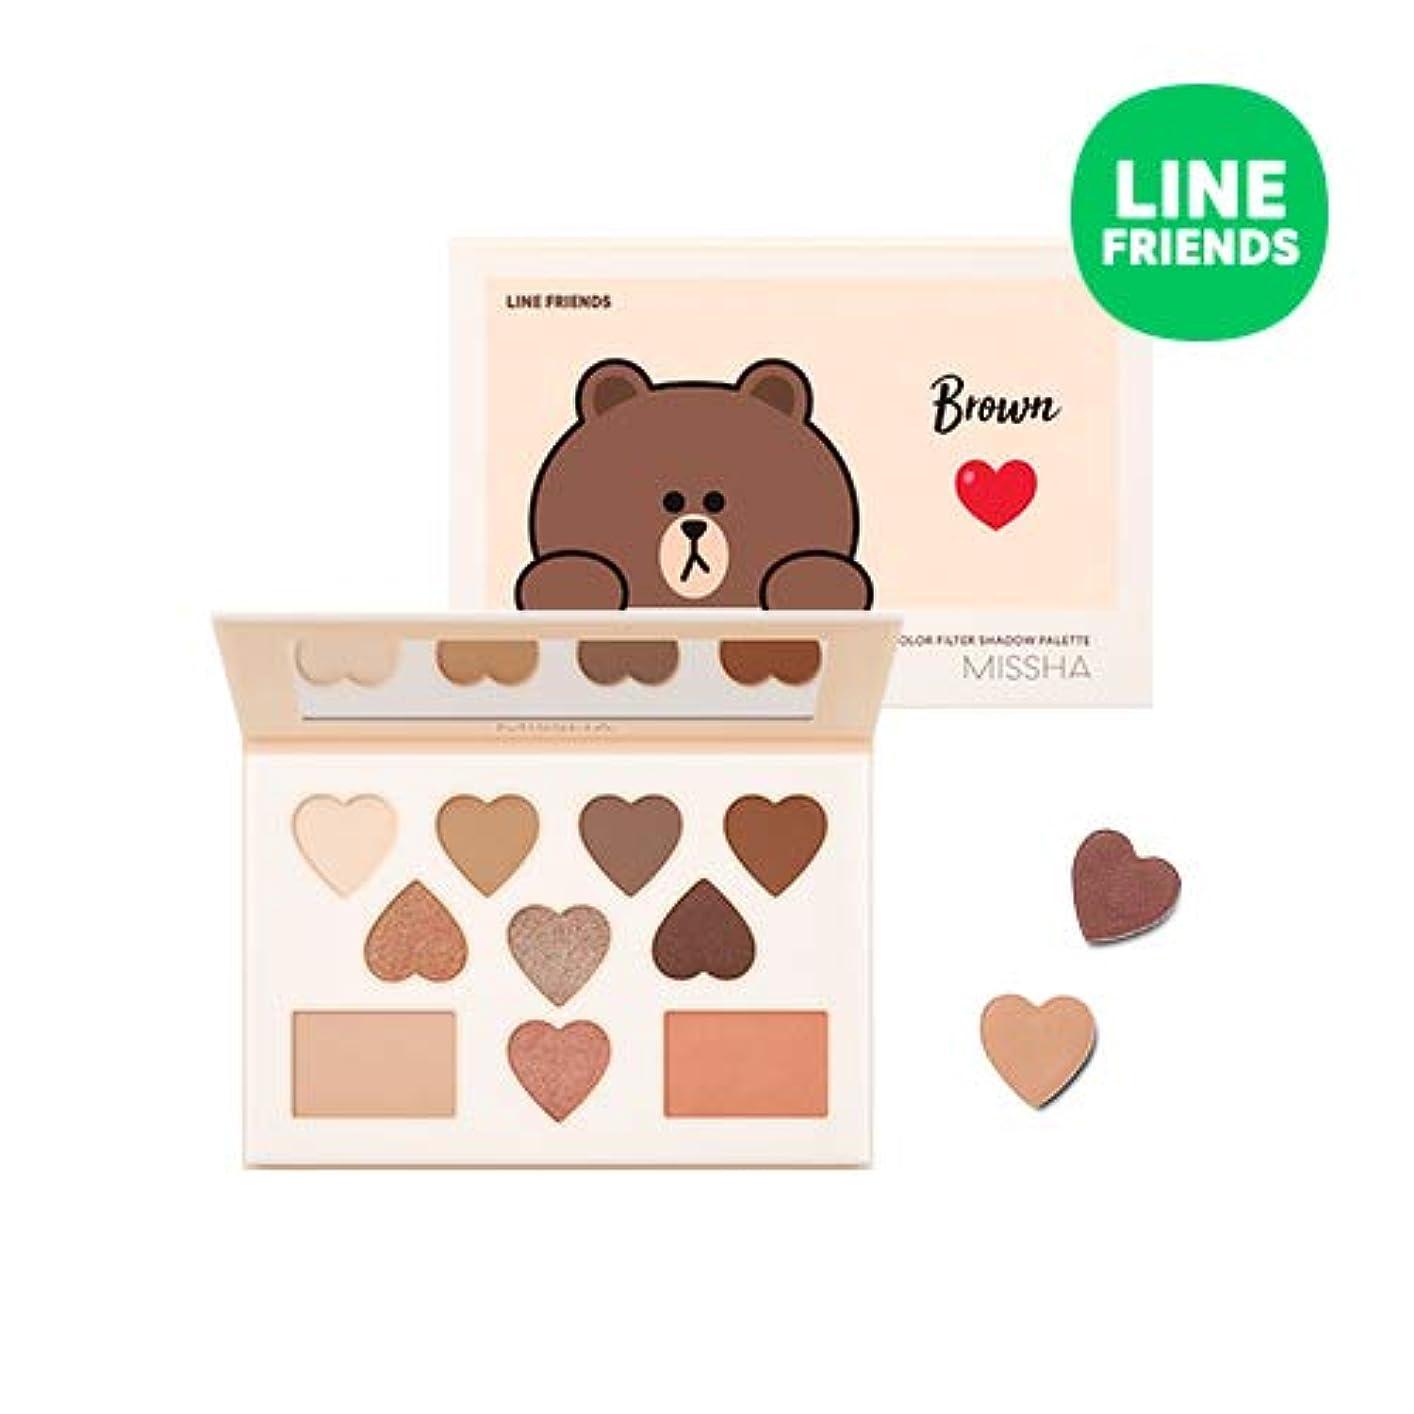 レイアウト帳面沈黙ミシャ[ラインフレンズエディション] カラー フィルター シャドウ パレット MISSHA [Line Friends Edition] Color Filter Shadow Palette #5. Brown [並行輸入品]